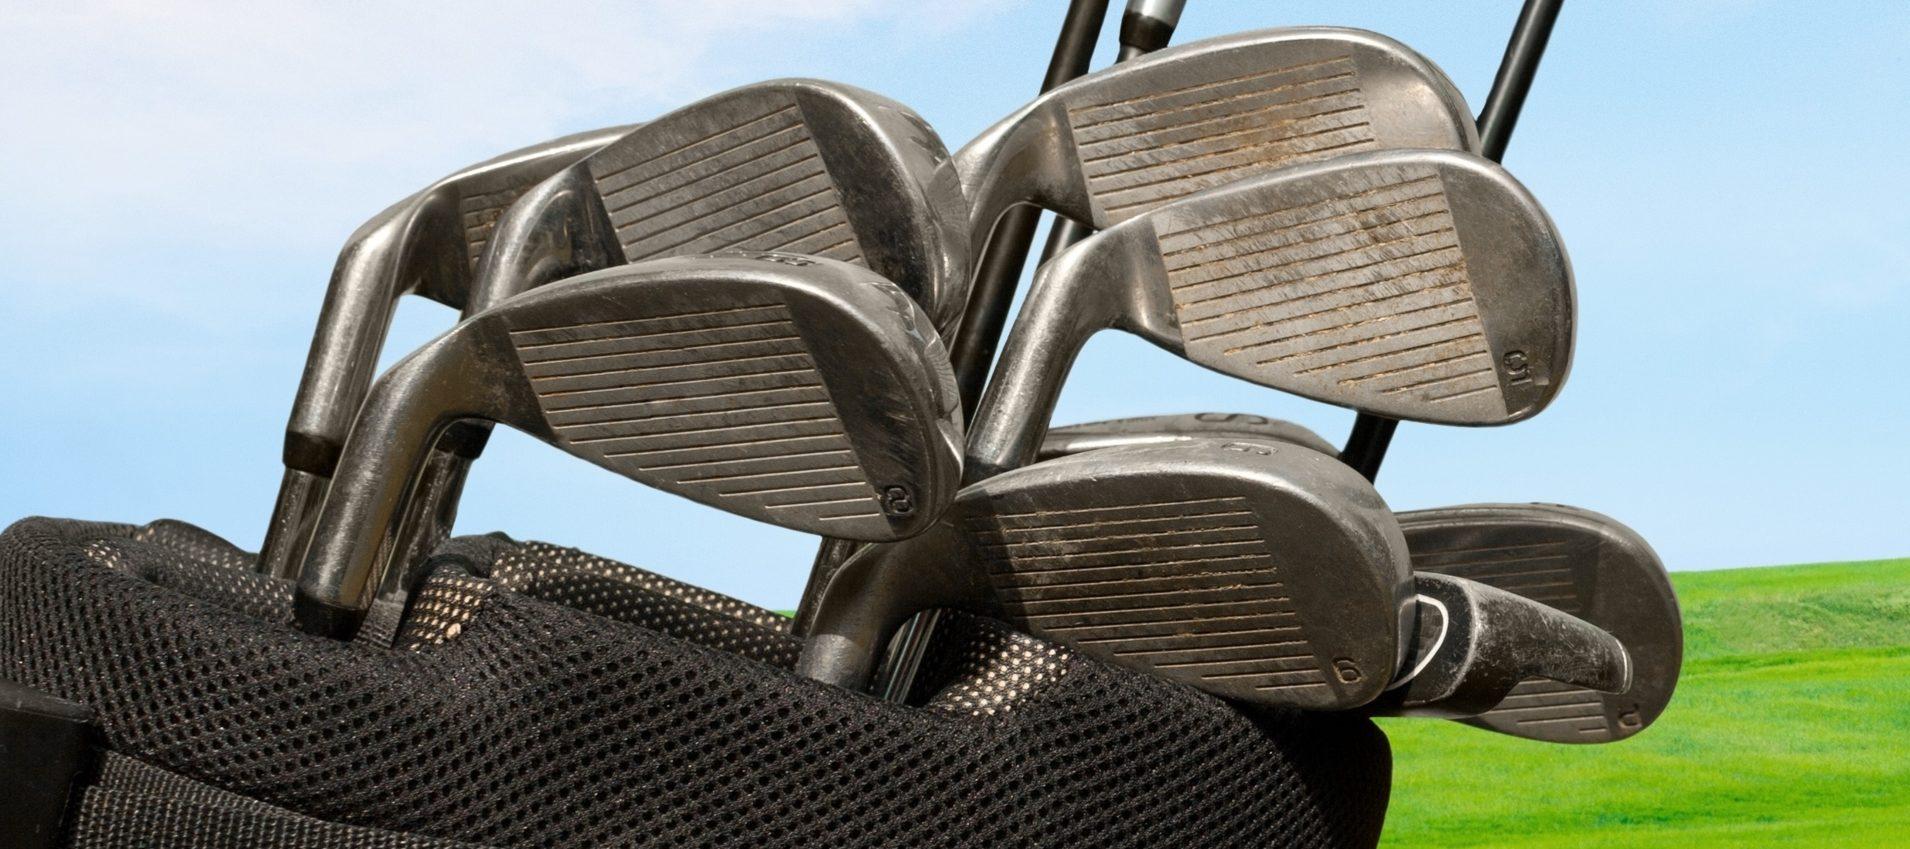 Golfclub: Wat zijn de beste golfclubs van 2020?